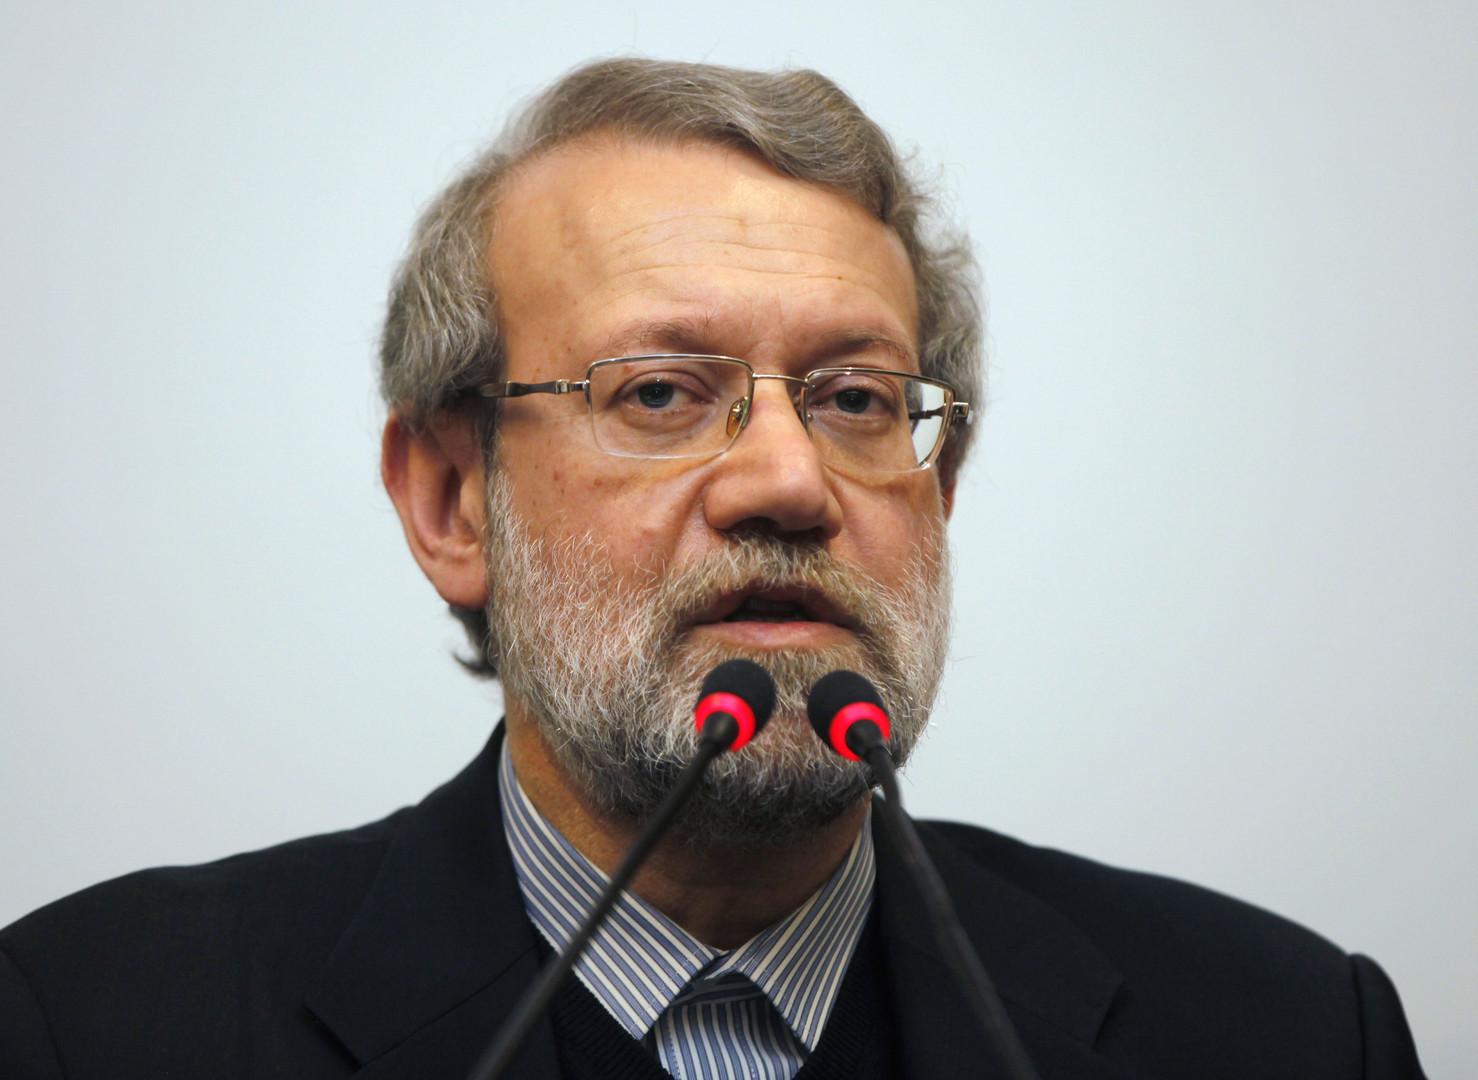 لاريجاني: تعديل قانون الانتخابات لا يهدف إلى إلغاء أهل السنة